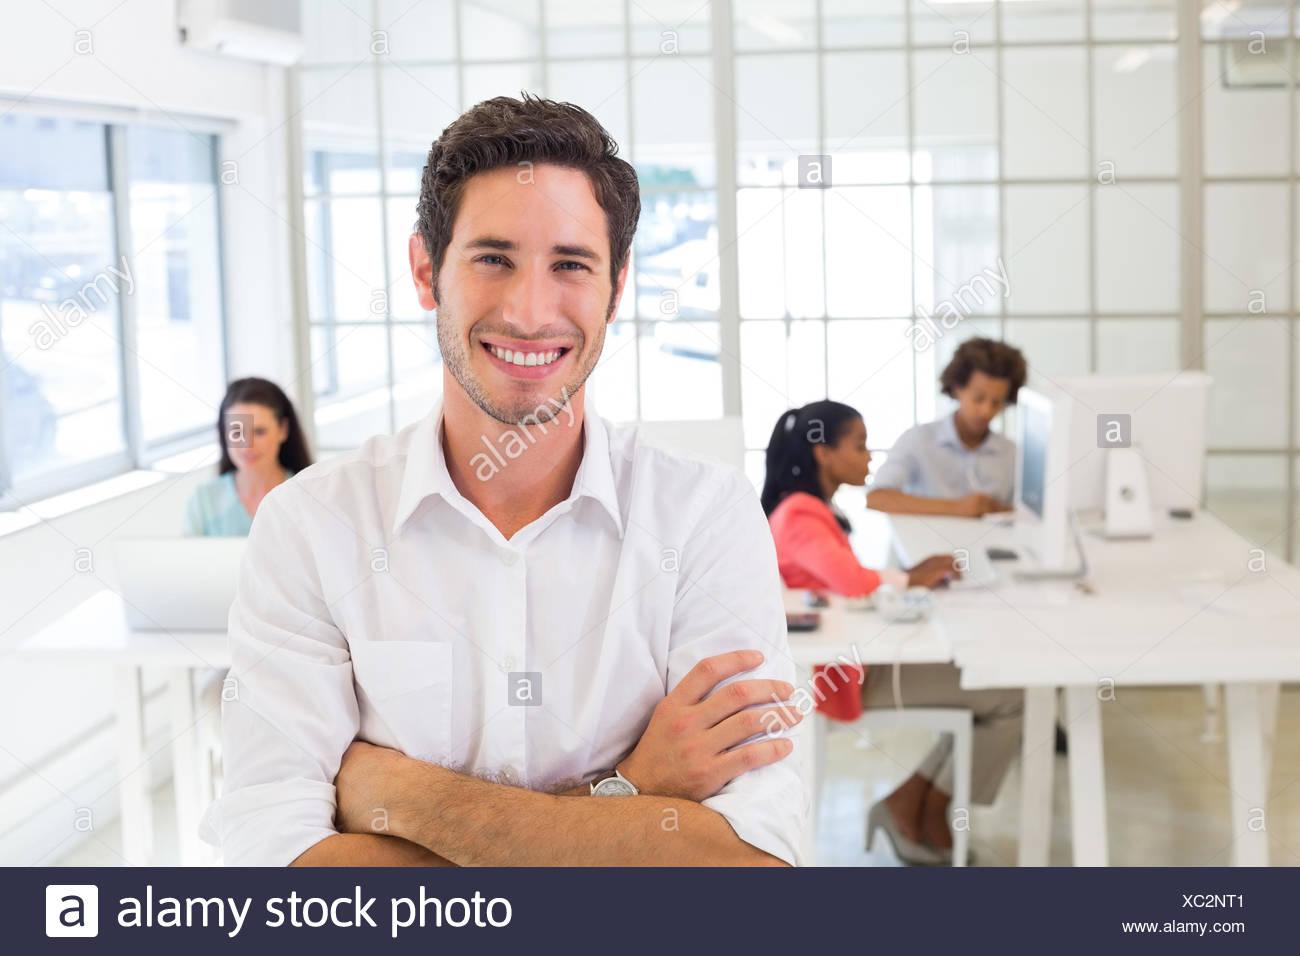 Allegro uomo d affari al lavoro Immagini Stock